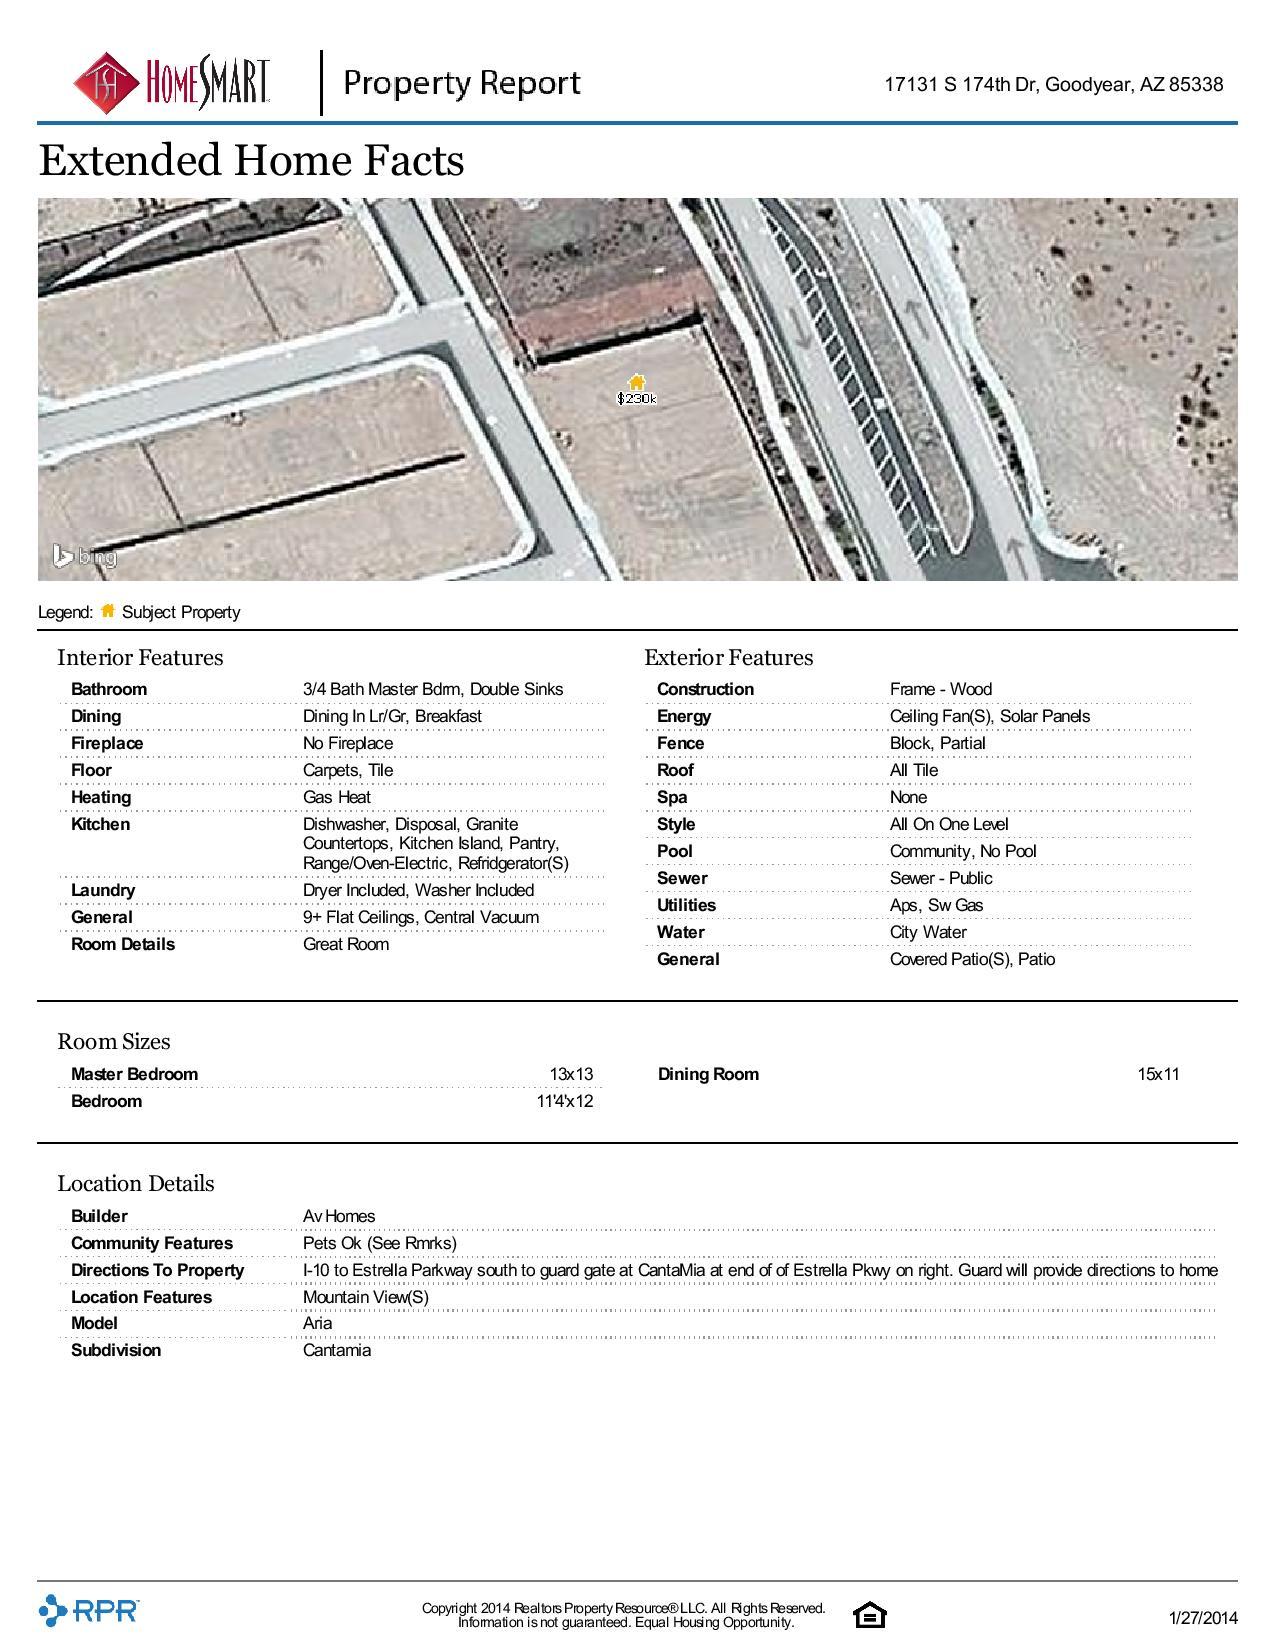 17131-S-174th-Dr-Goodyear-AZ-85338.pdf-page-004